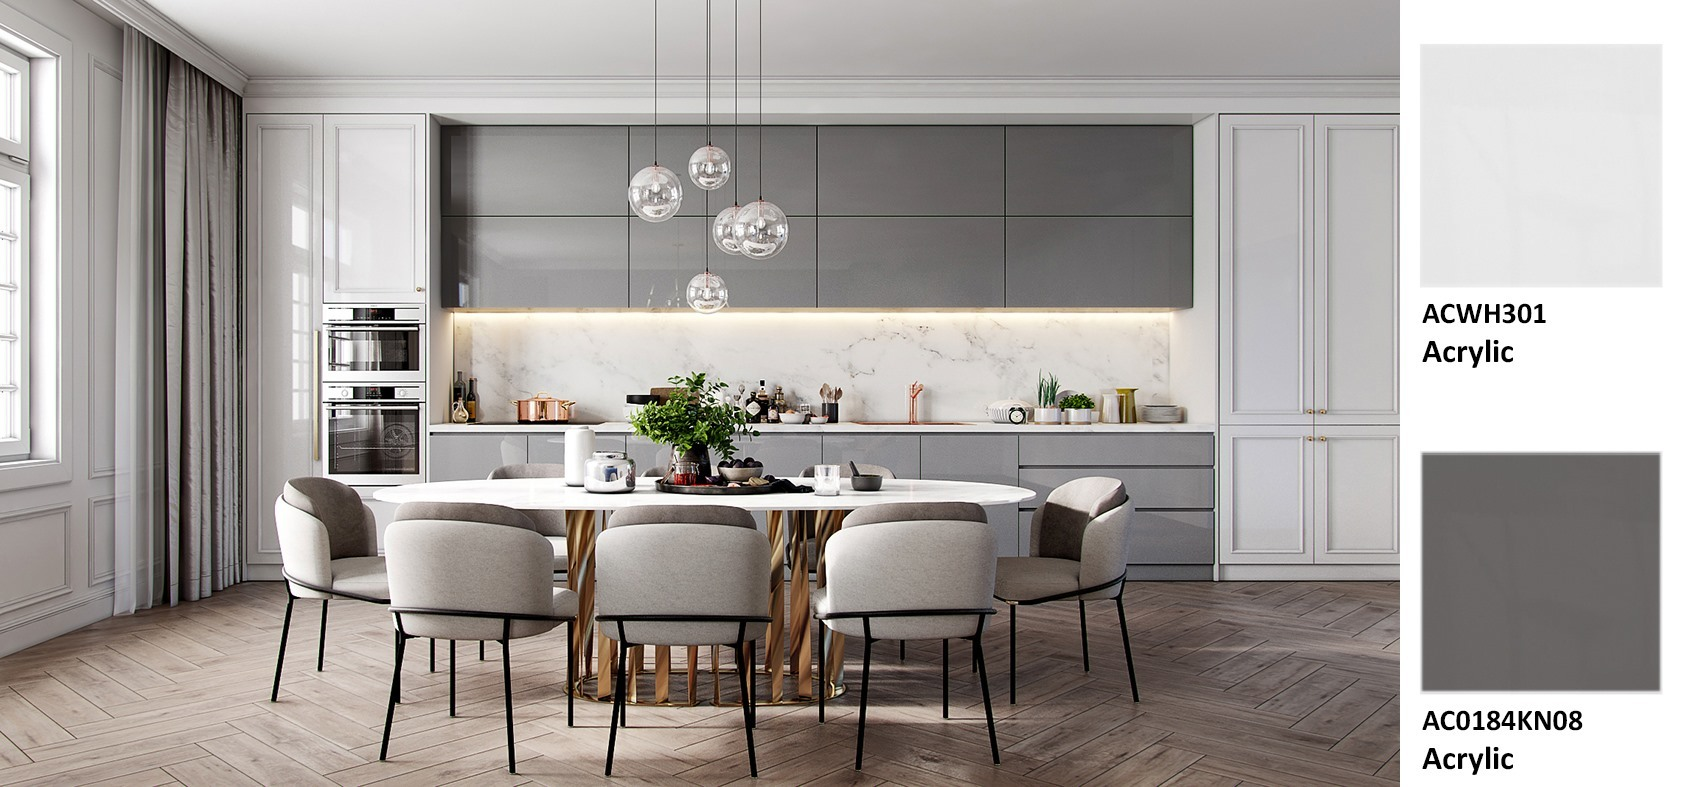 Chọn Acrylic cho không gian bếp đẹp bất ngờ